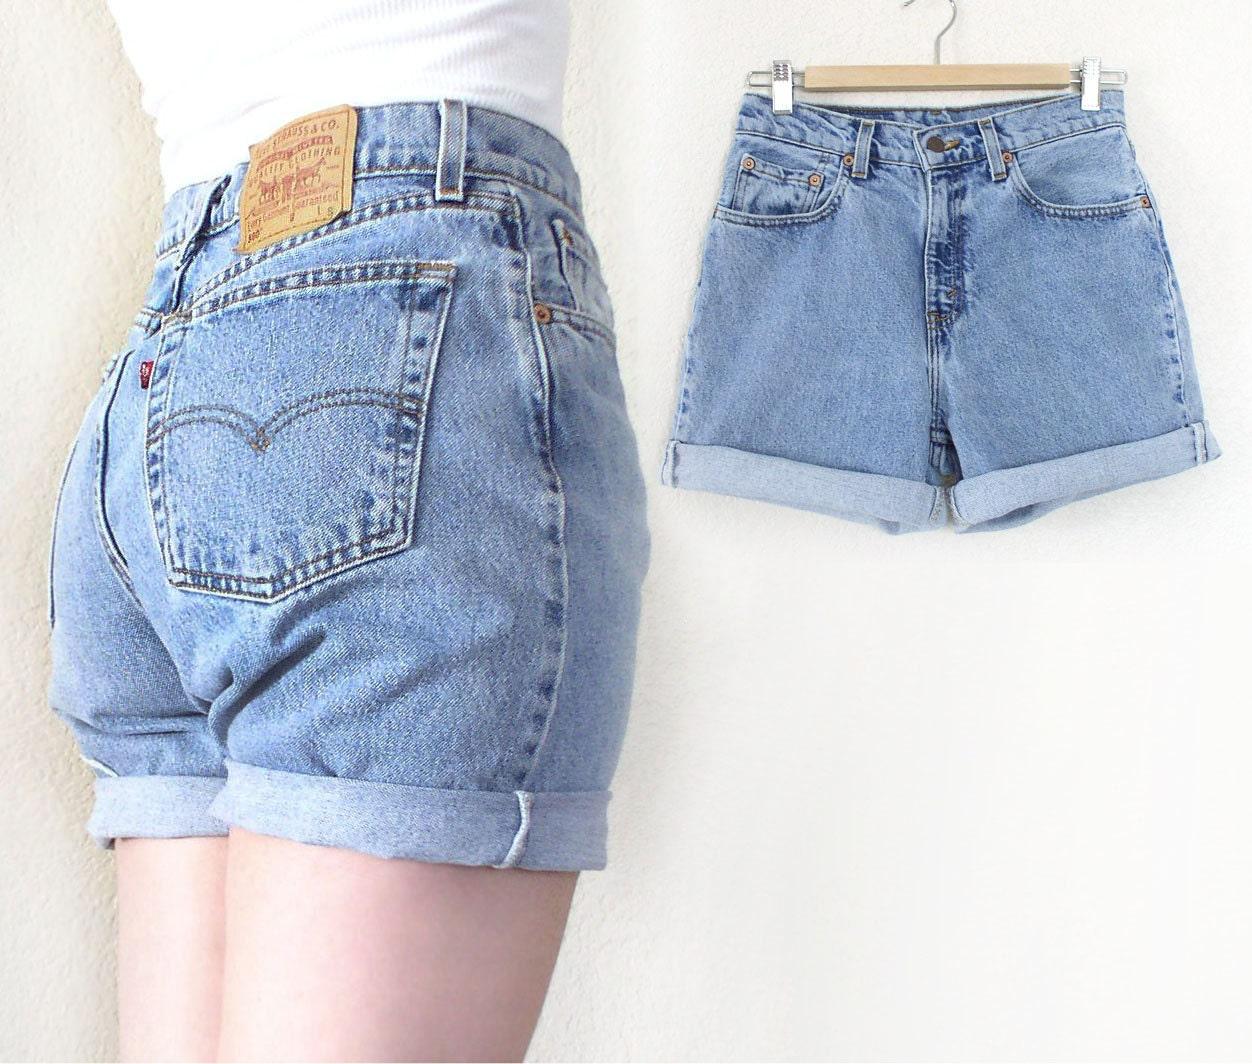 vintage levis 560 high waisted denim cutoff jean shorts 80s. Black Bedroom Furniture Sets. Home Design Ideas